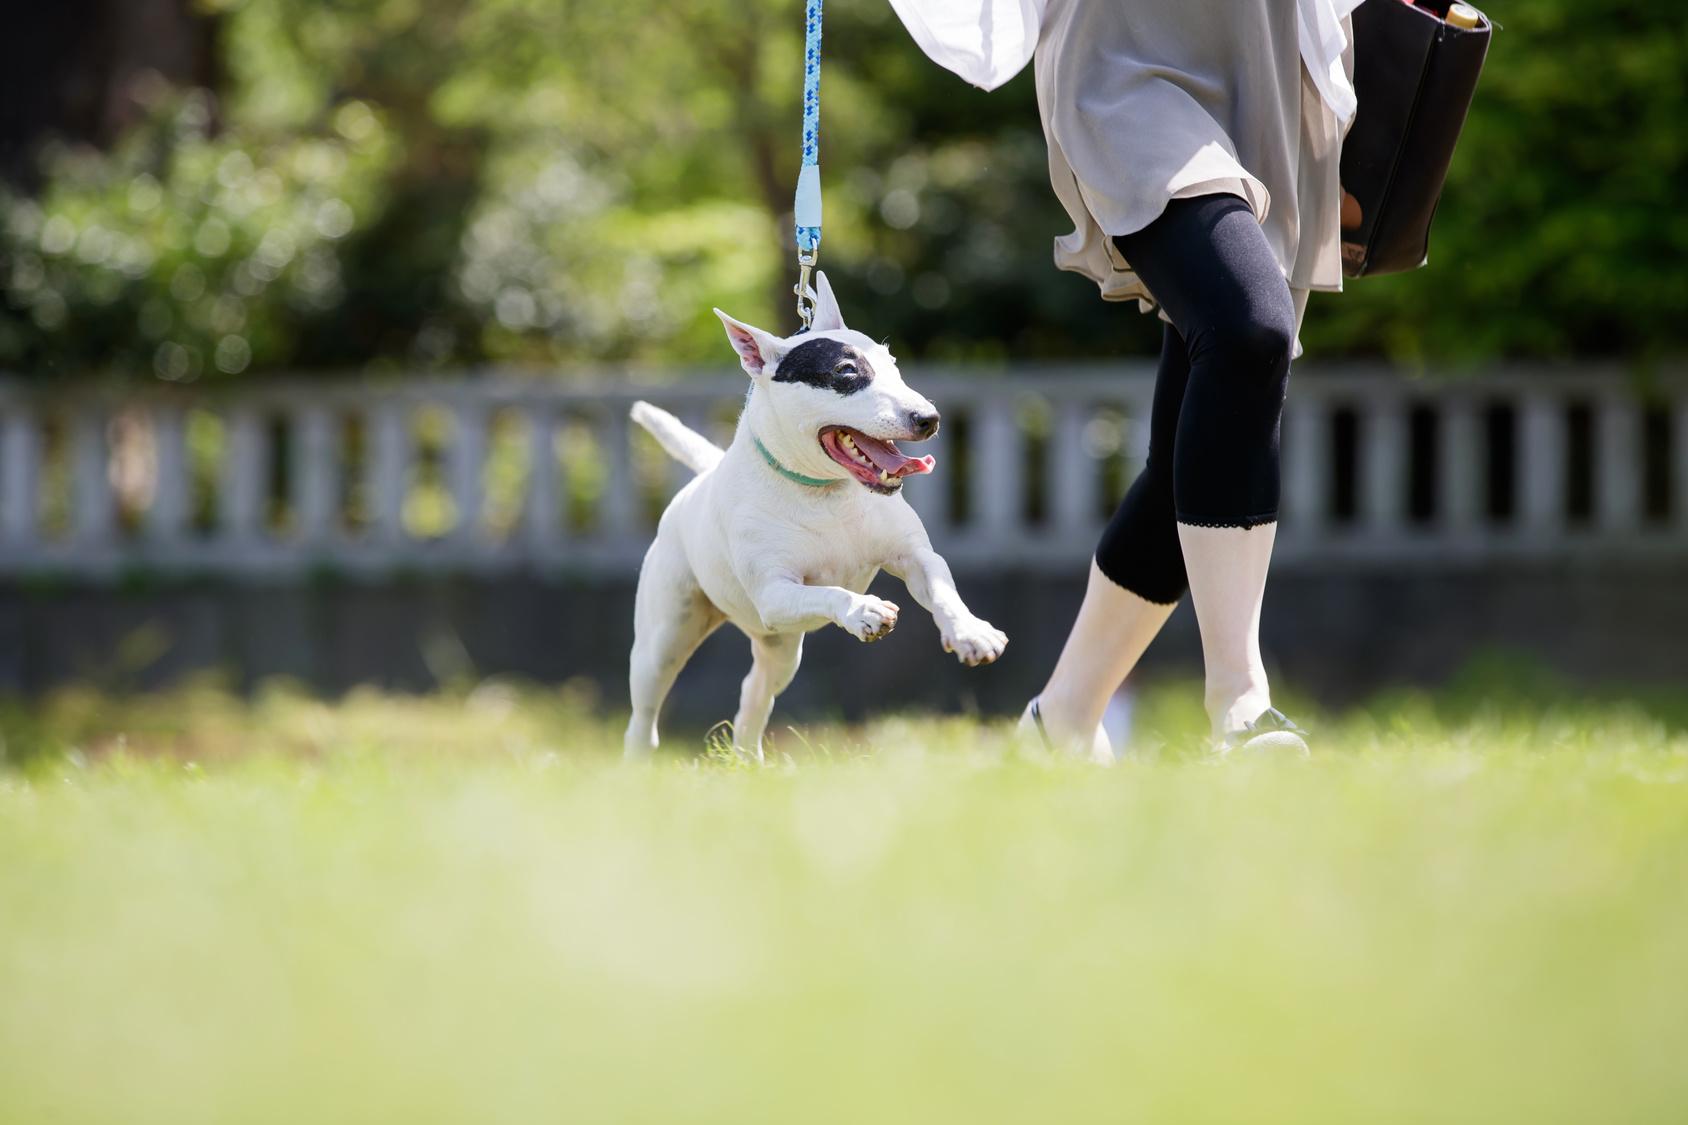 犬とお出かけする際に気をつけたいトラブル・注意点とその対策